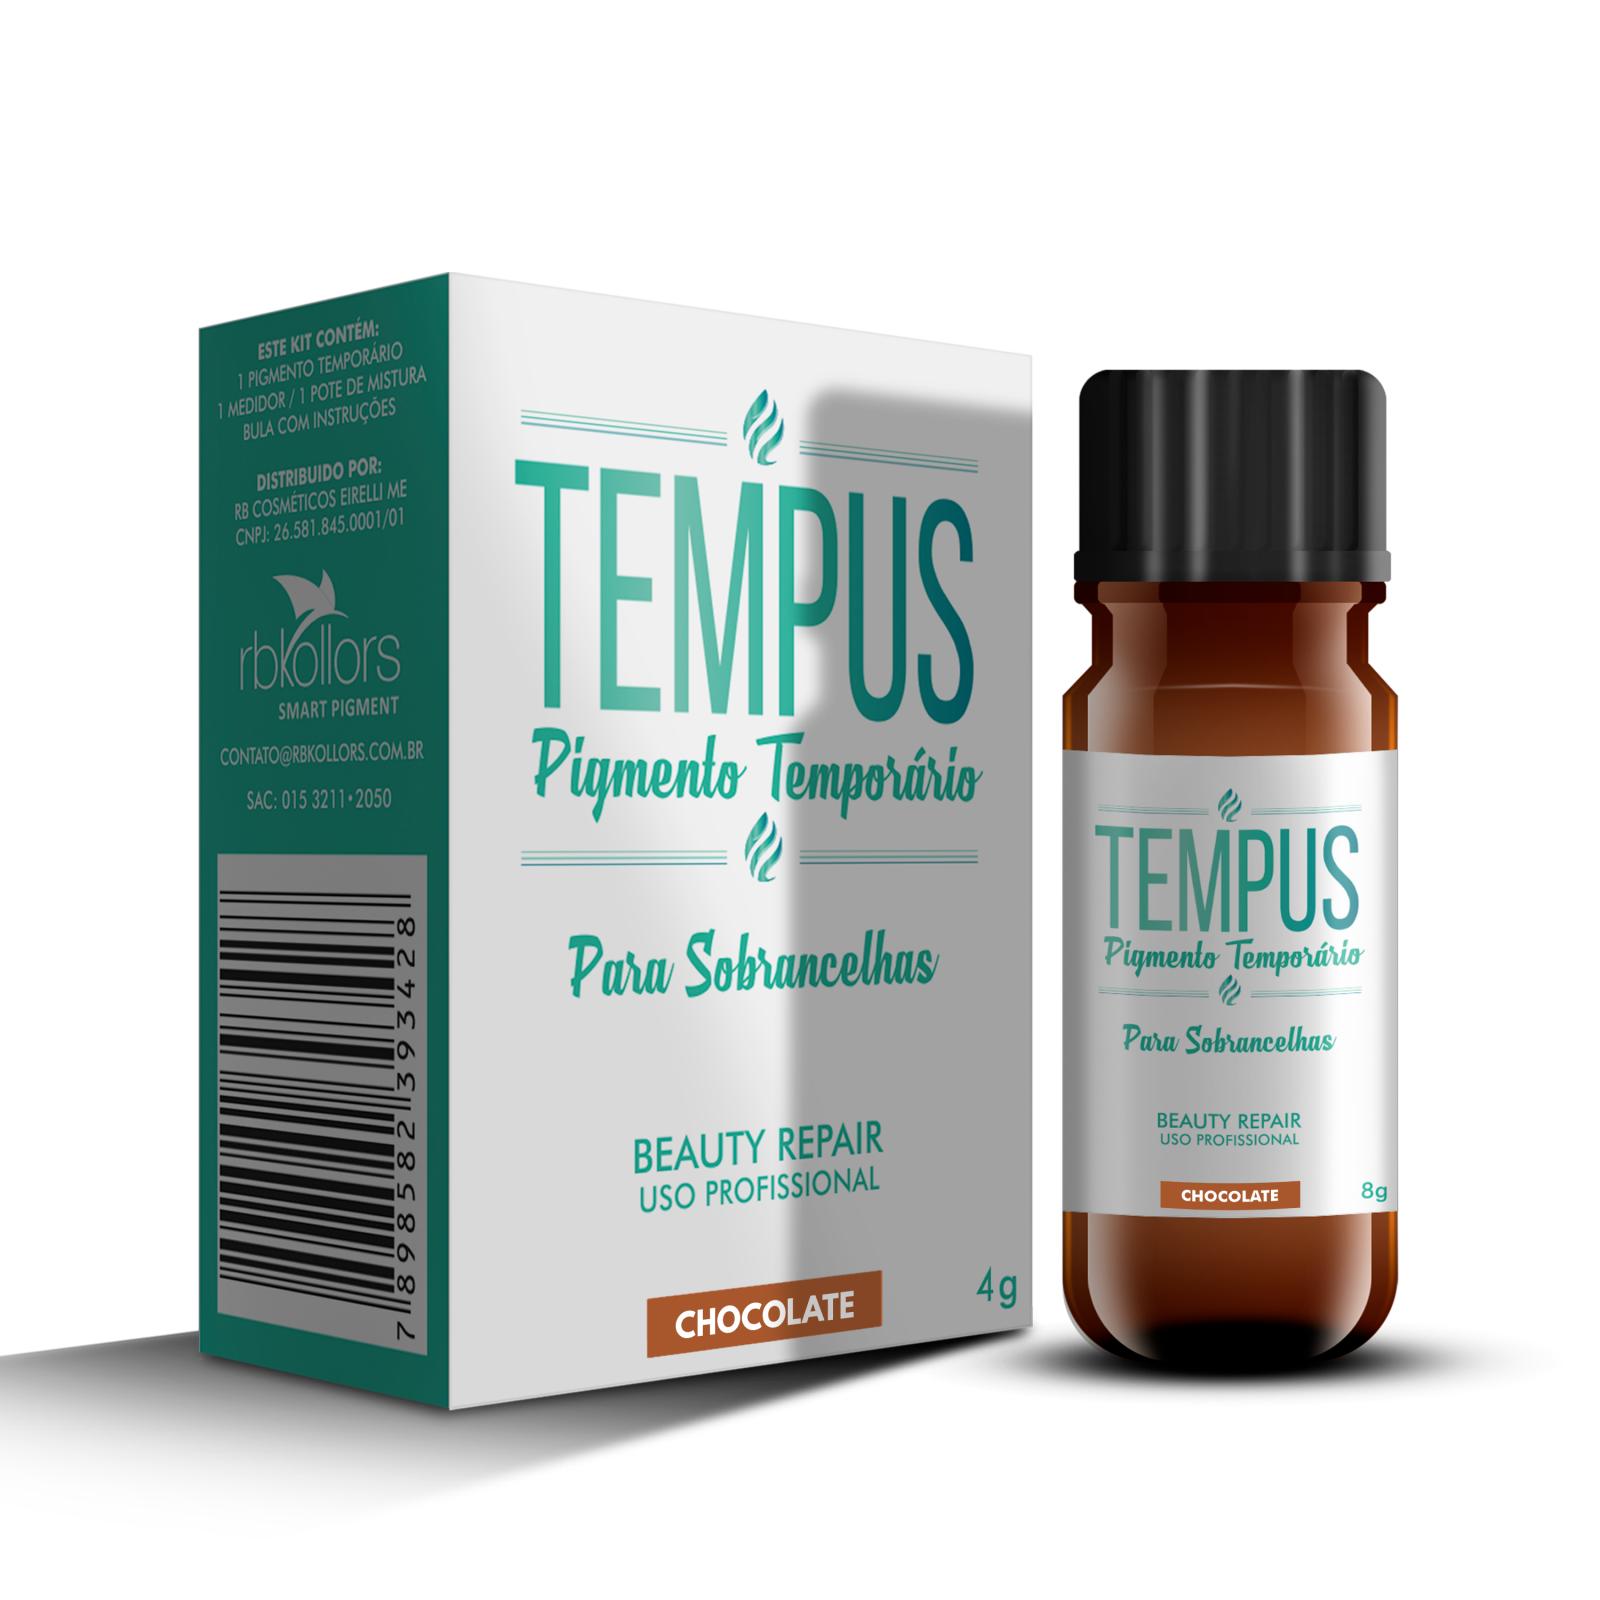 TEMPUS PIGMENTO TEMPORARIO CHOCOLATE 4G - RB Kollors